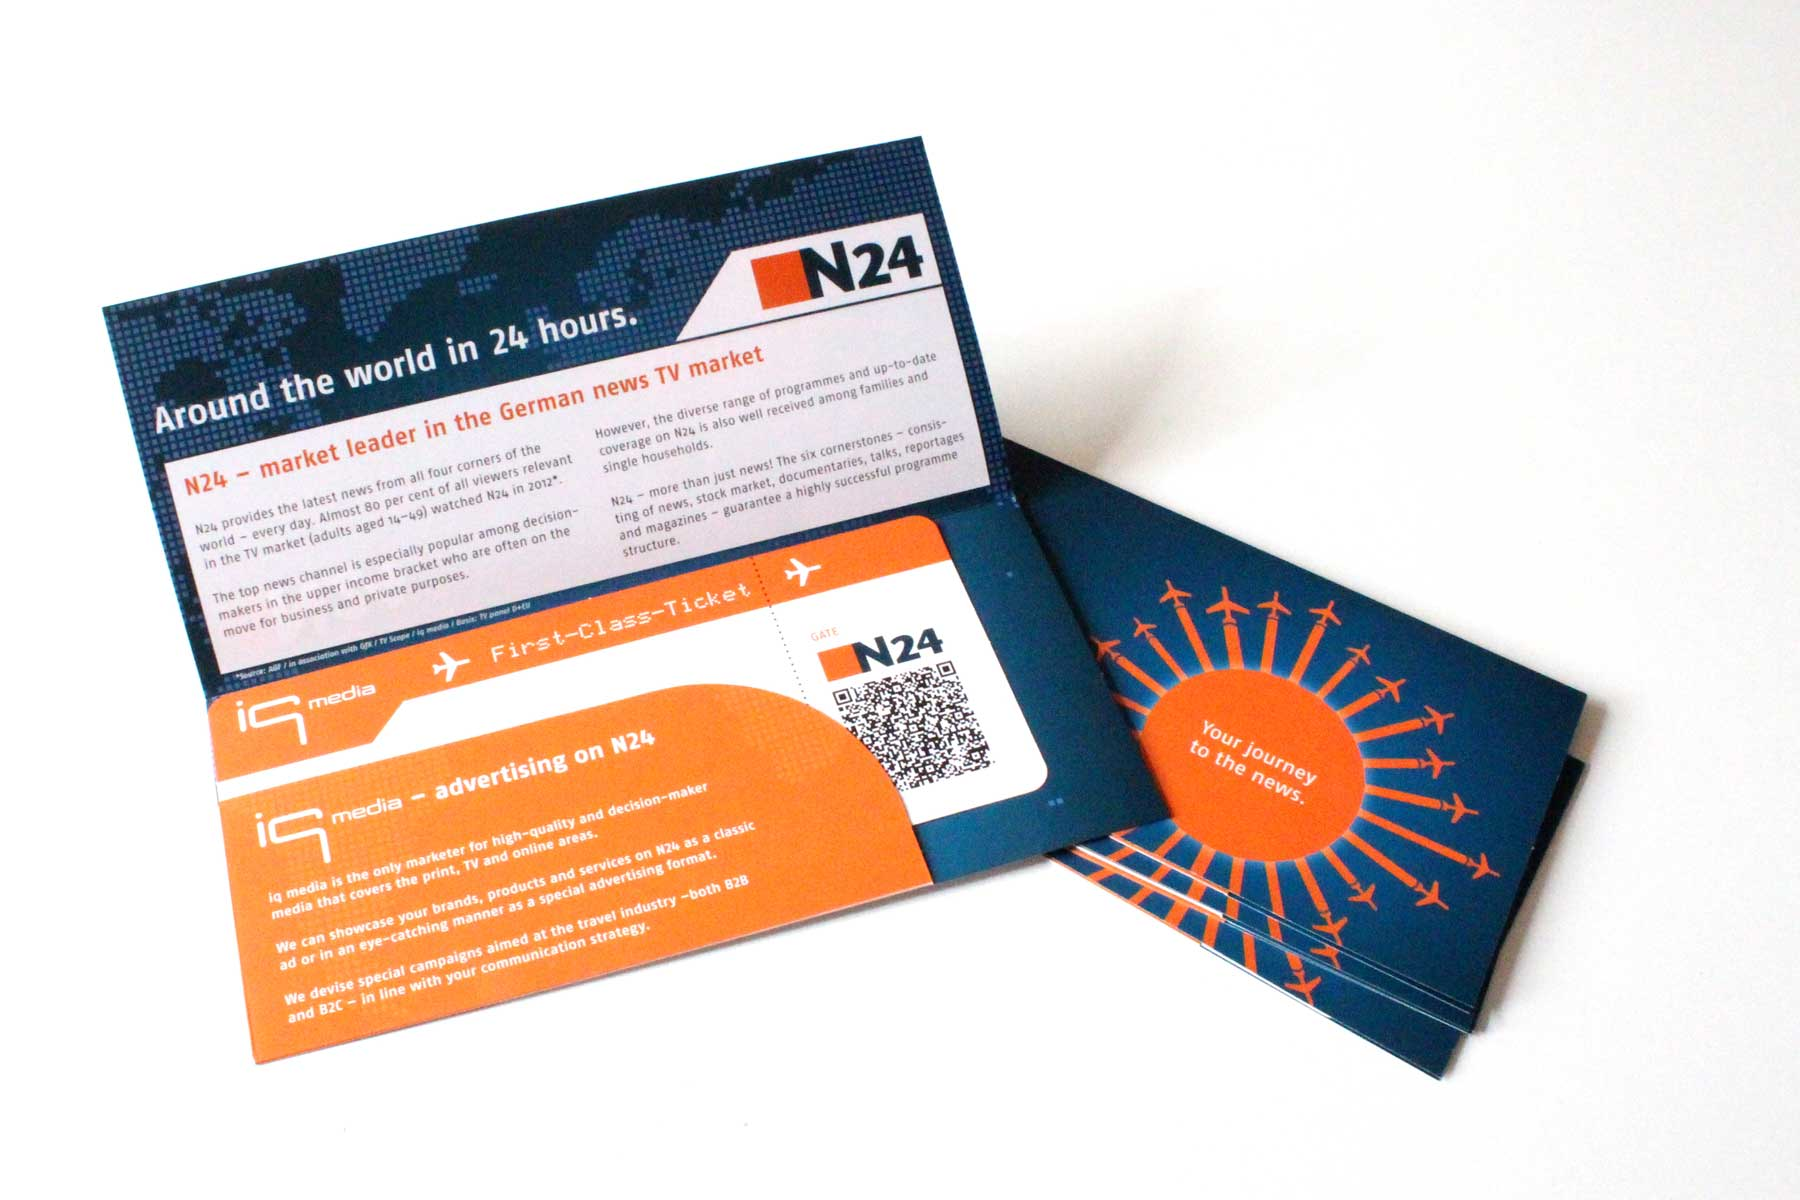 N24 Folder zur ITB